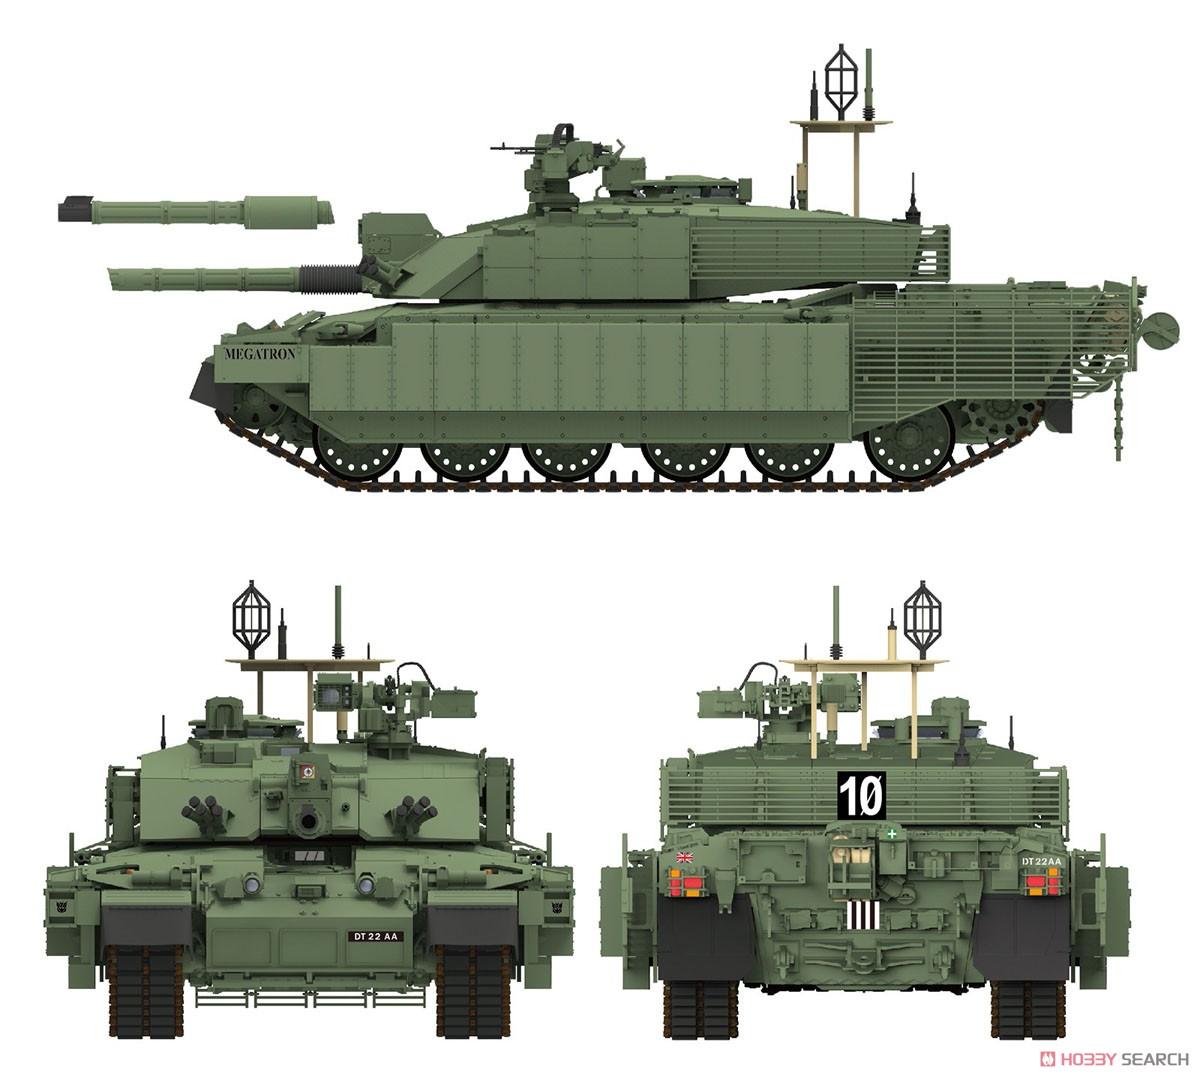 1/35『チャレンジャー2 TES「メガトロン」イギリス軍主力戦車』プラモデル-009